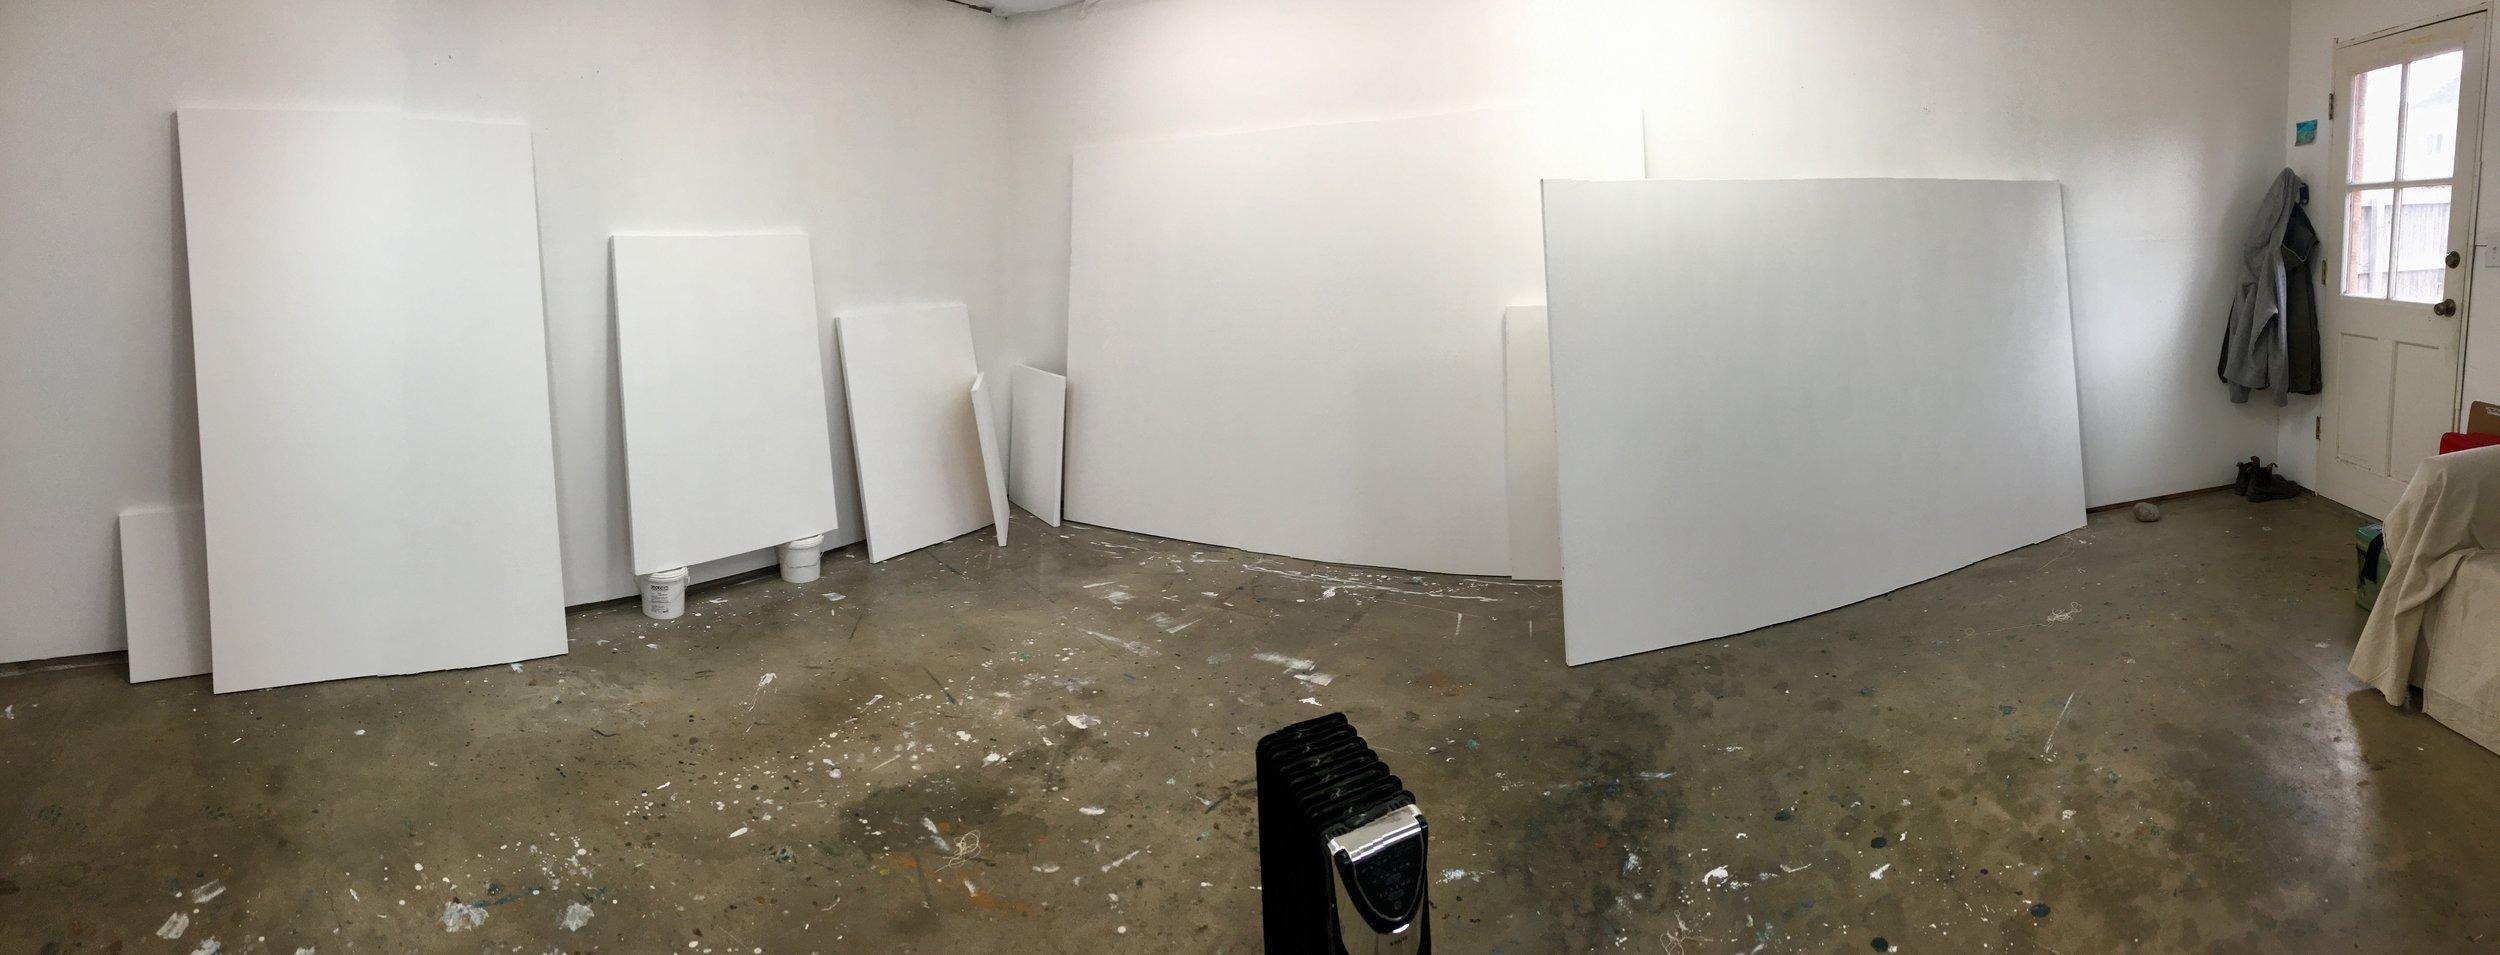 studio, January 2018